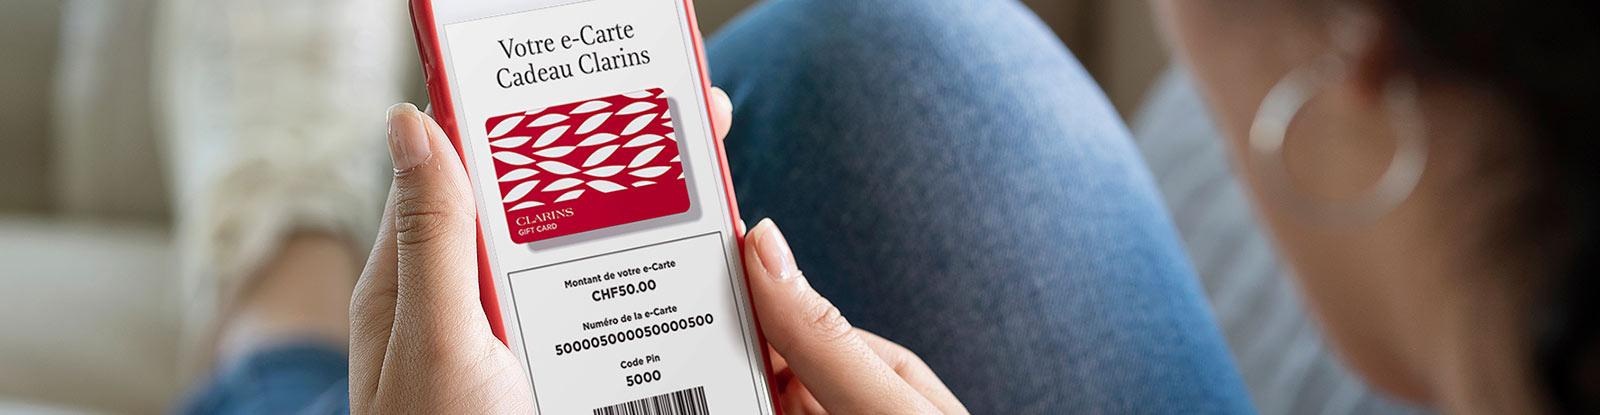 e-Carte Cadeau Clarins